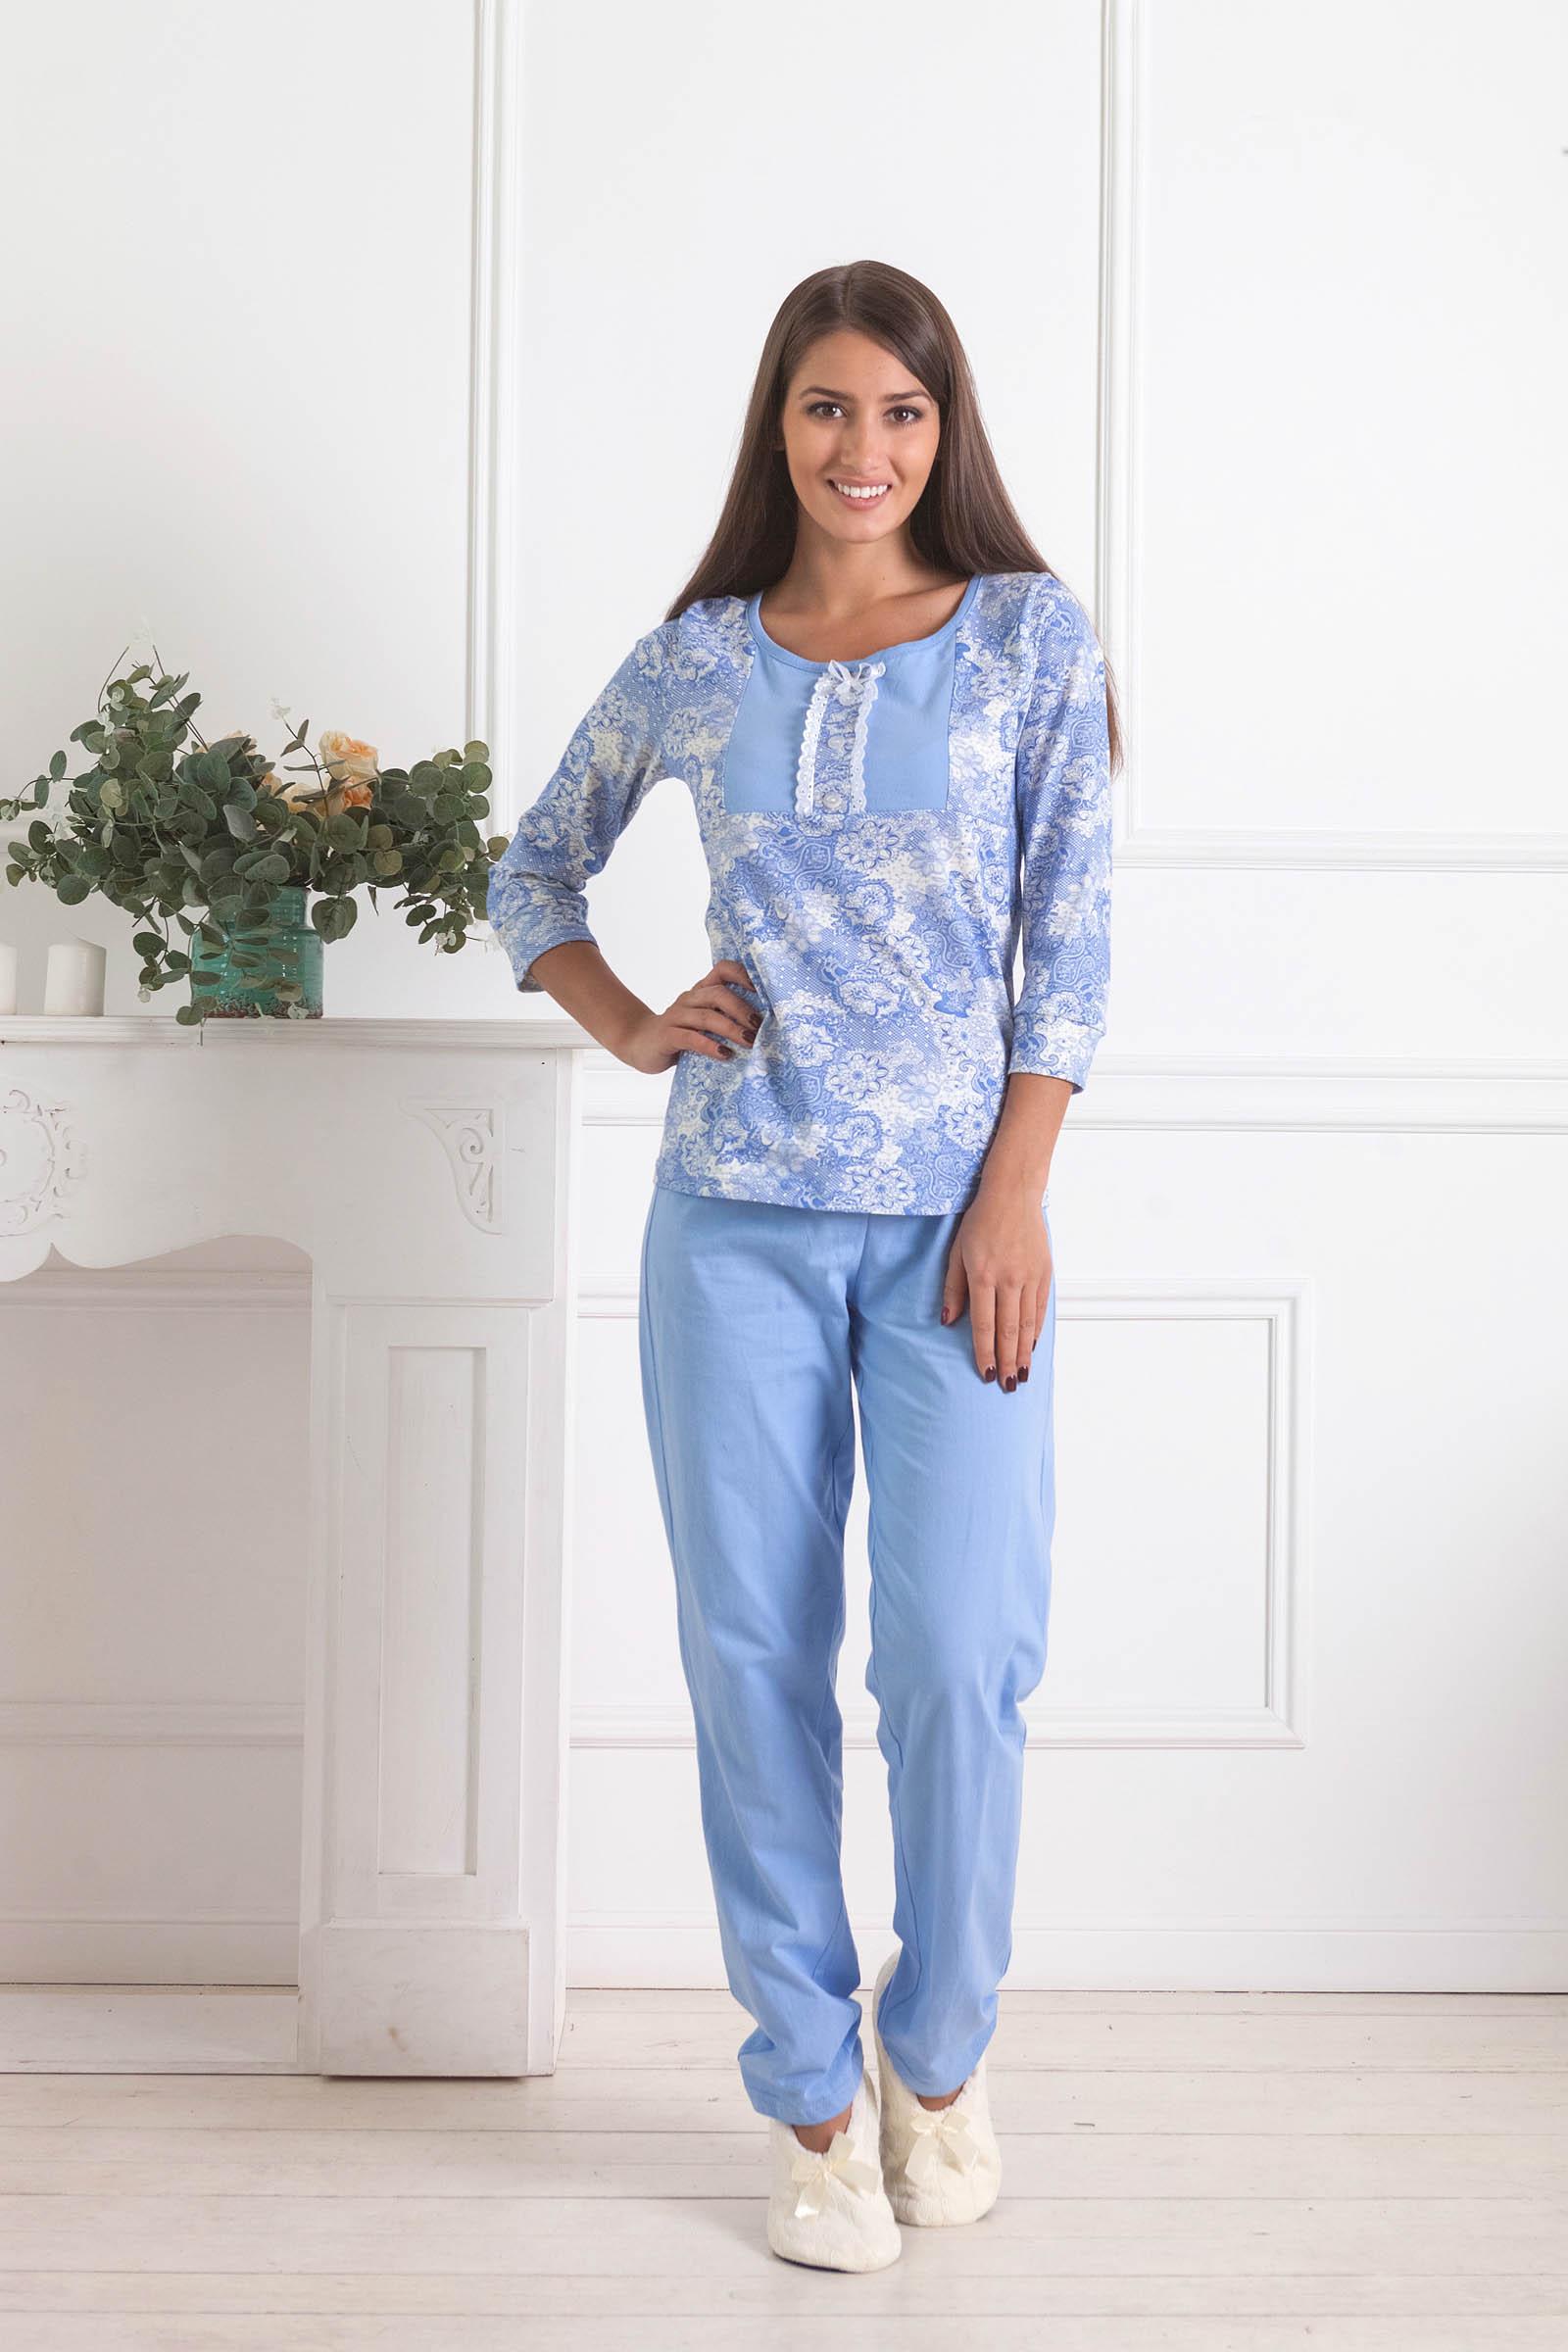 Пижамы Pastilla Пижама Лотос 2 (xxL) пижамы la pastel пижама кофта с запахом длинный рукав штаны длинные белый голубой размер xl